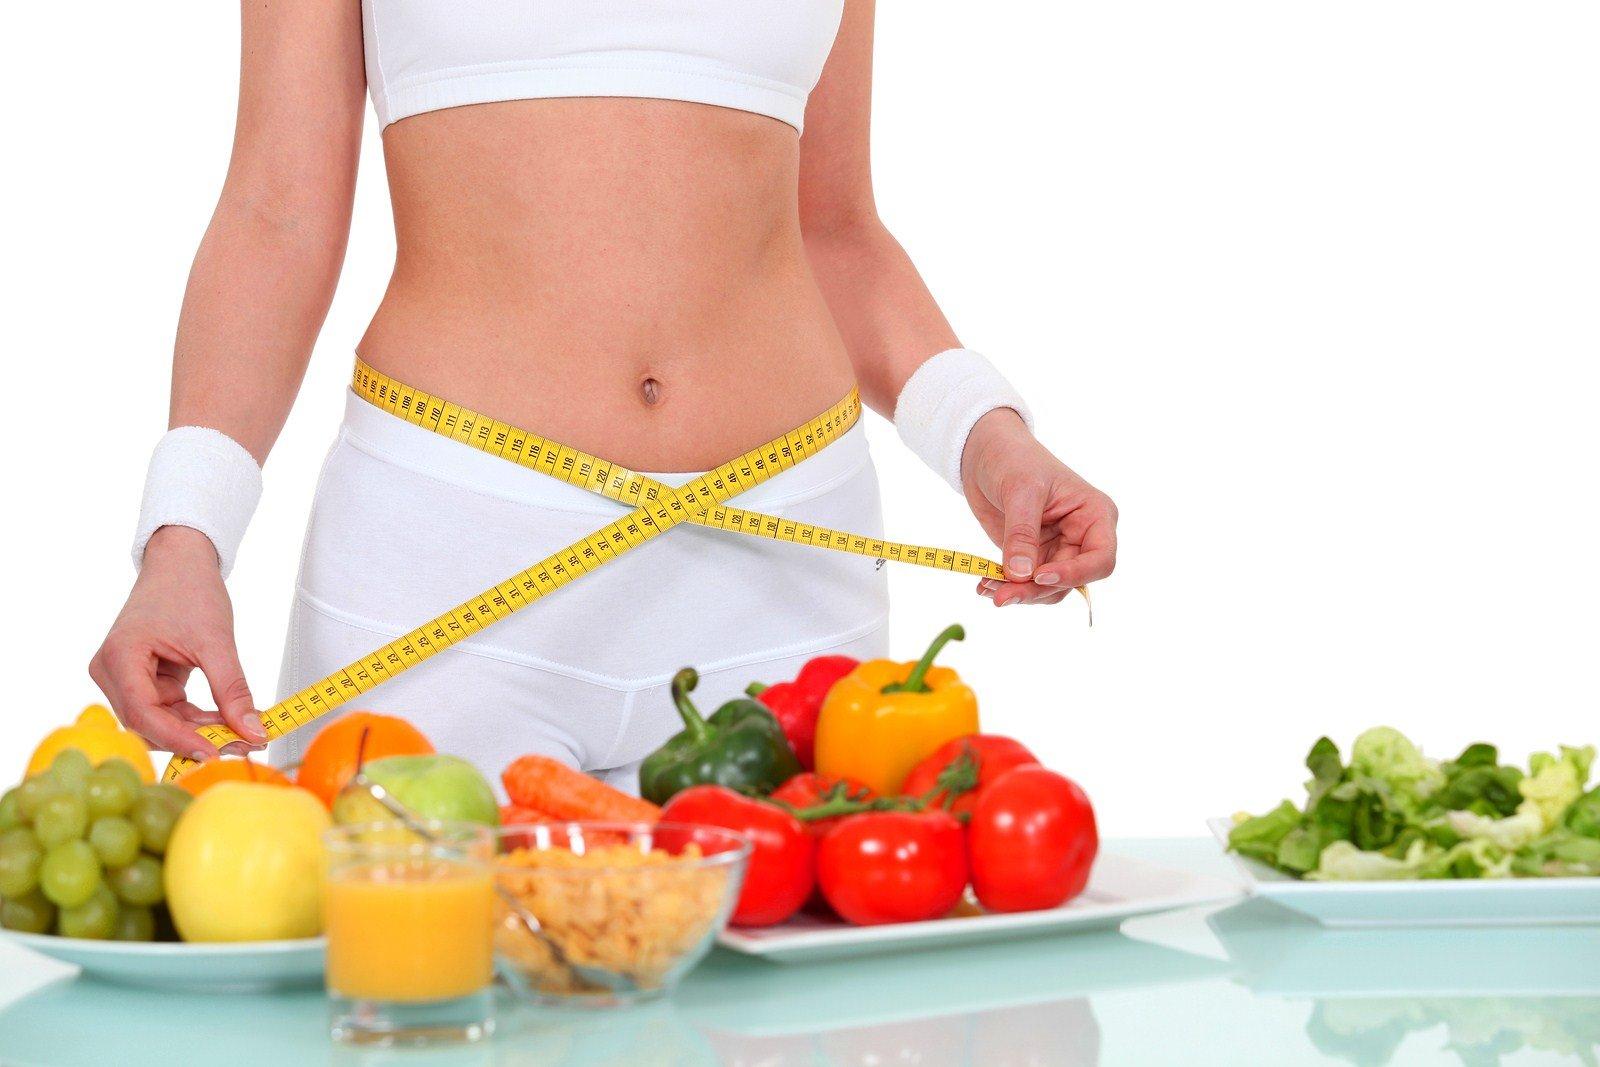 Как Быстро Похудеть Метод. Как быстро похудеть: 9 самых популярных способов и 5 рекомендаций диетологов